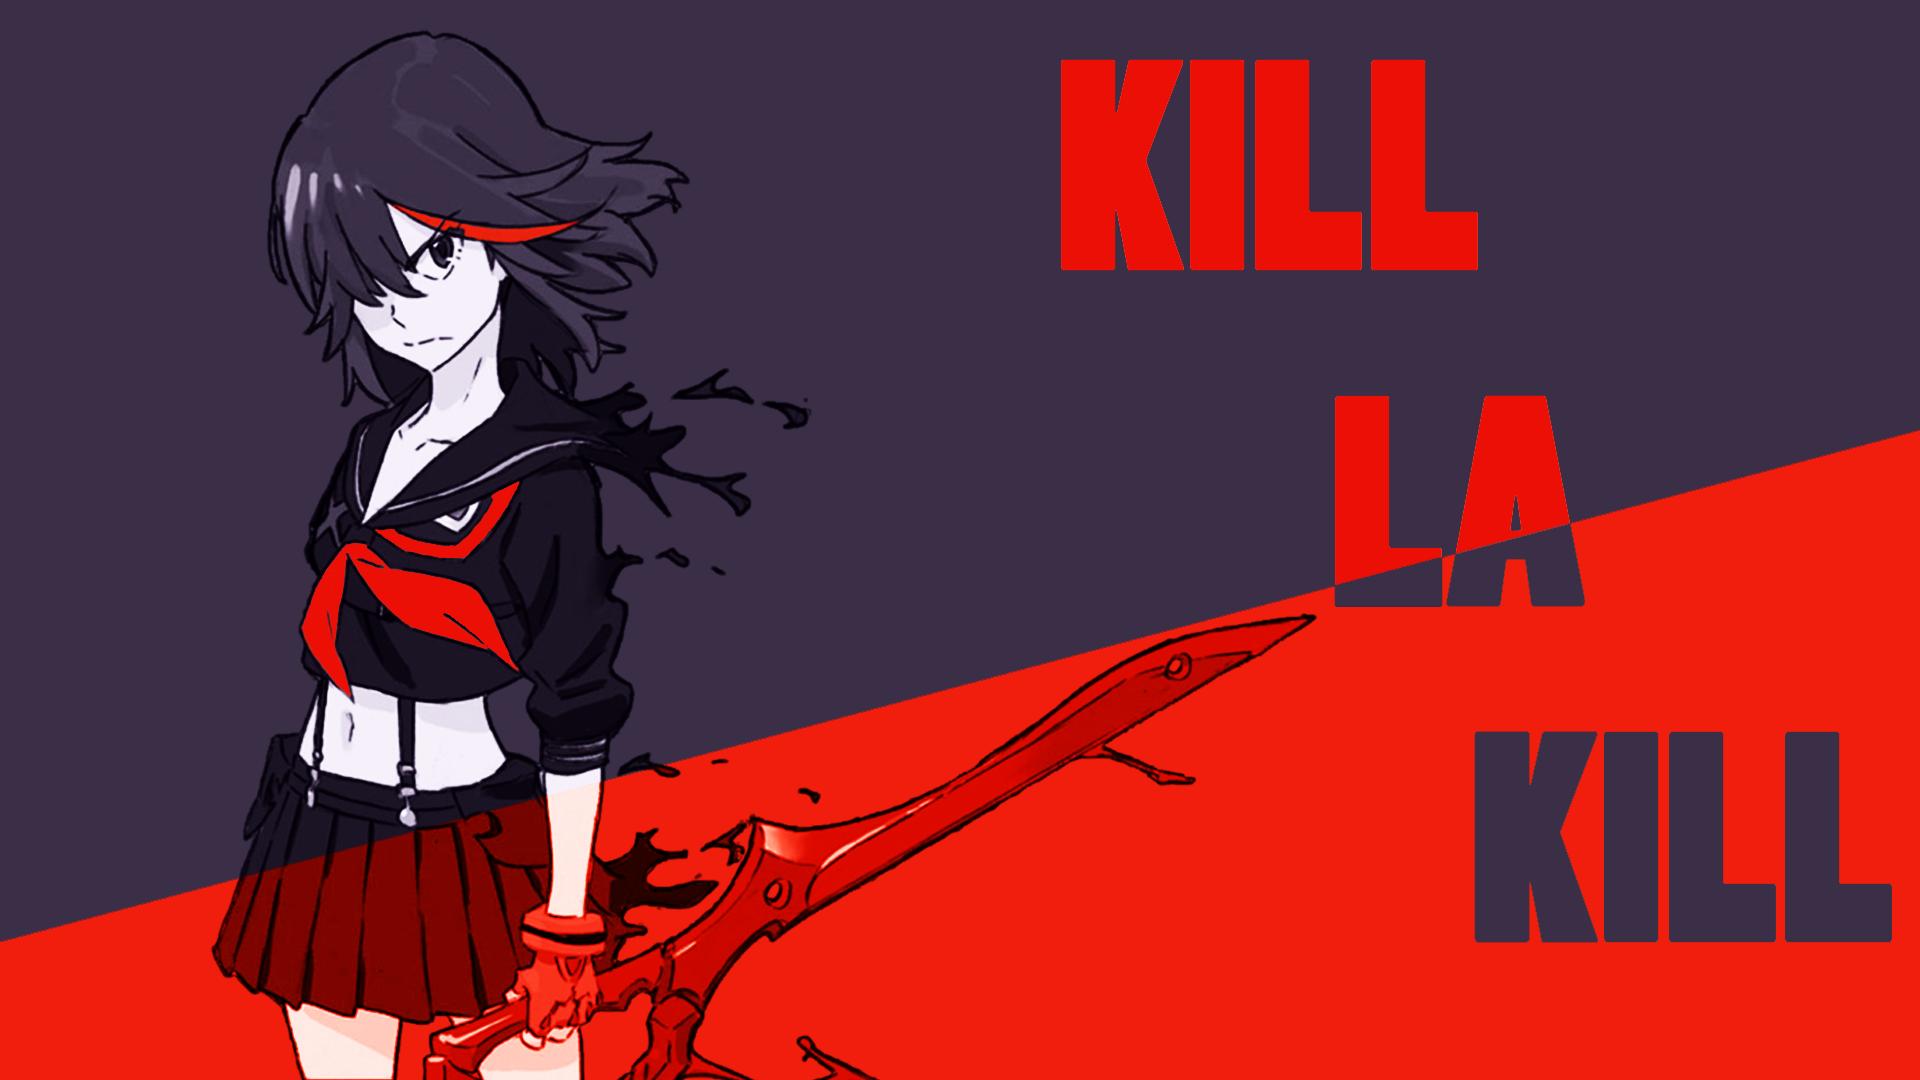 Kill La Kill Computer Wallpapers, Desktop Backgrounds ...